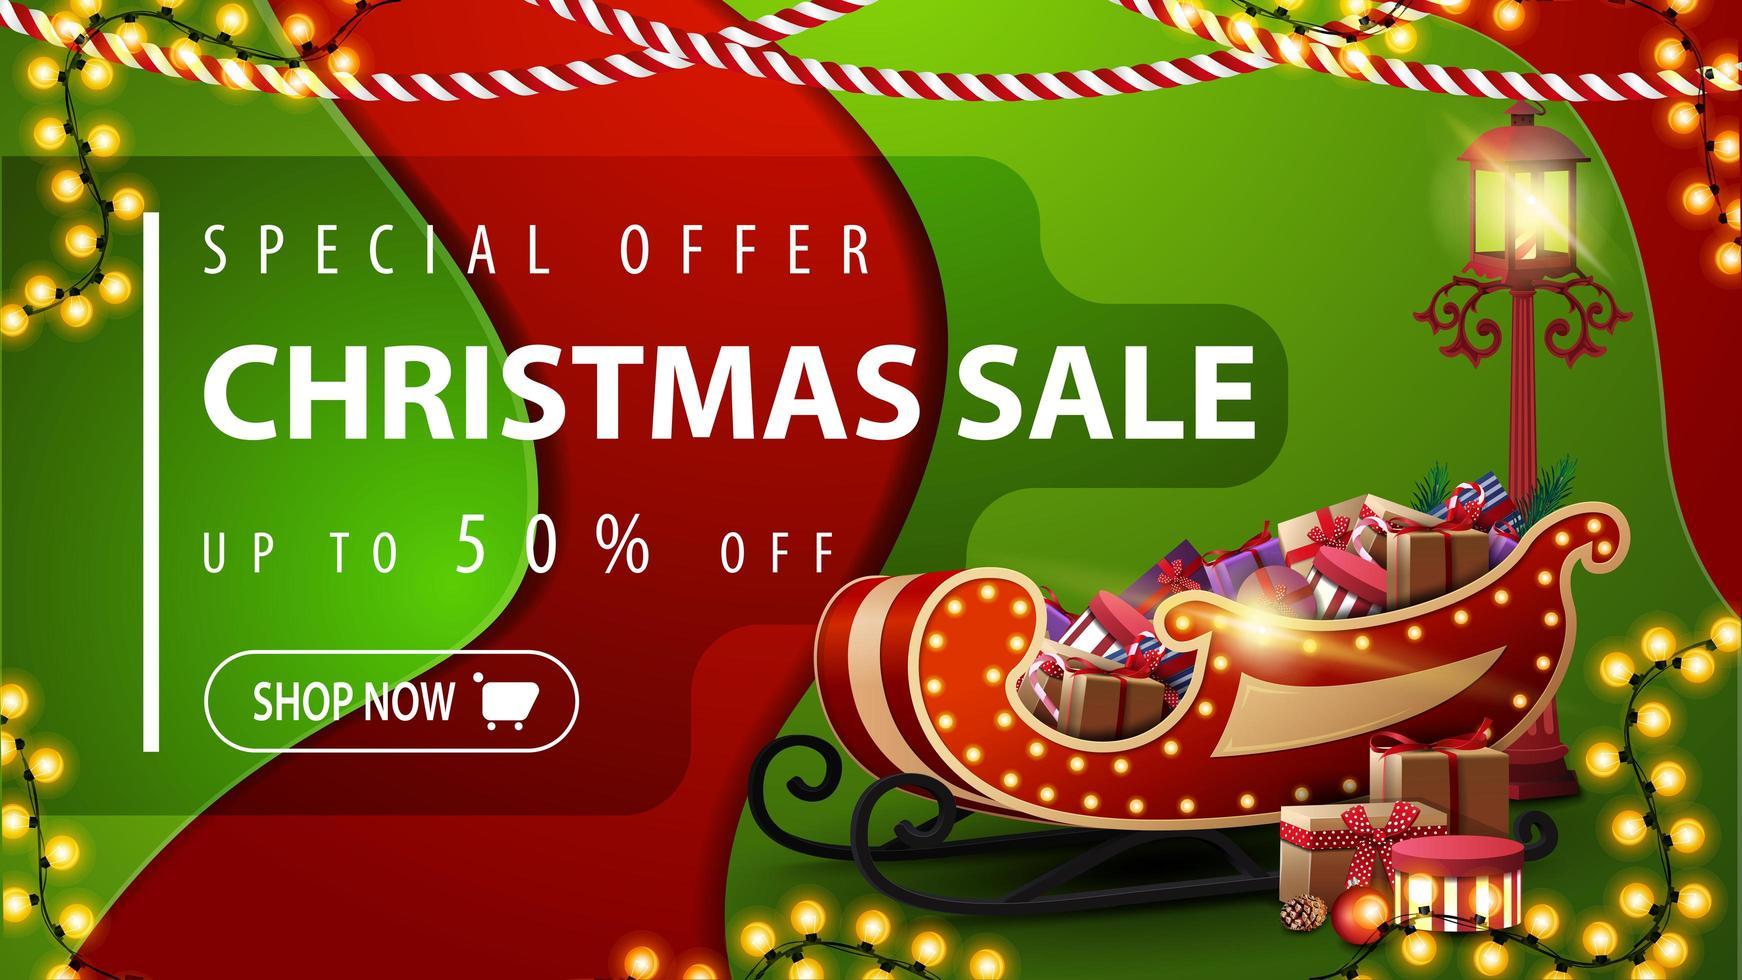 Sonderangebot, Weihnachtsverkauf, bis zu 50 Rabatt, rotes und grünes Rabattbanner im Materialdesignstil mit Girlanden, Stangenlaterne und Weihnachtsschlitten mit Geschenken vektor